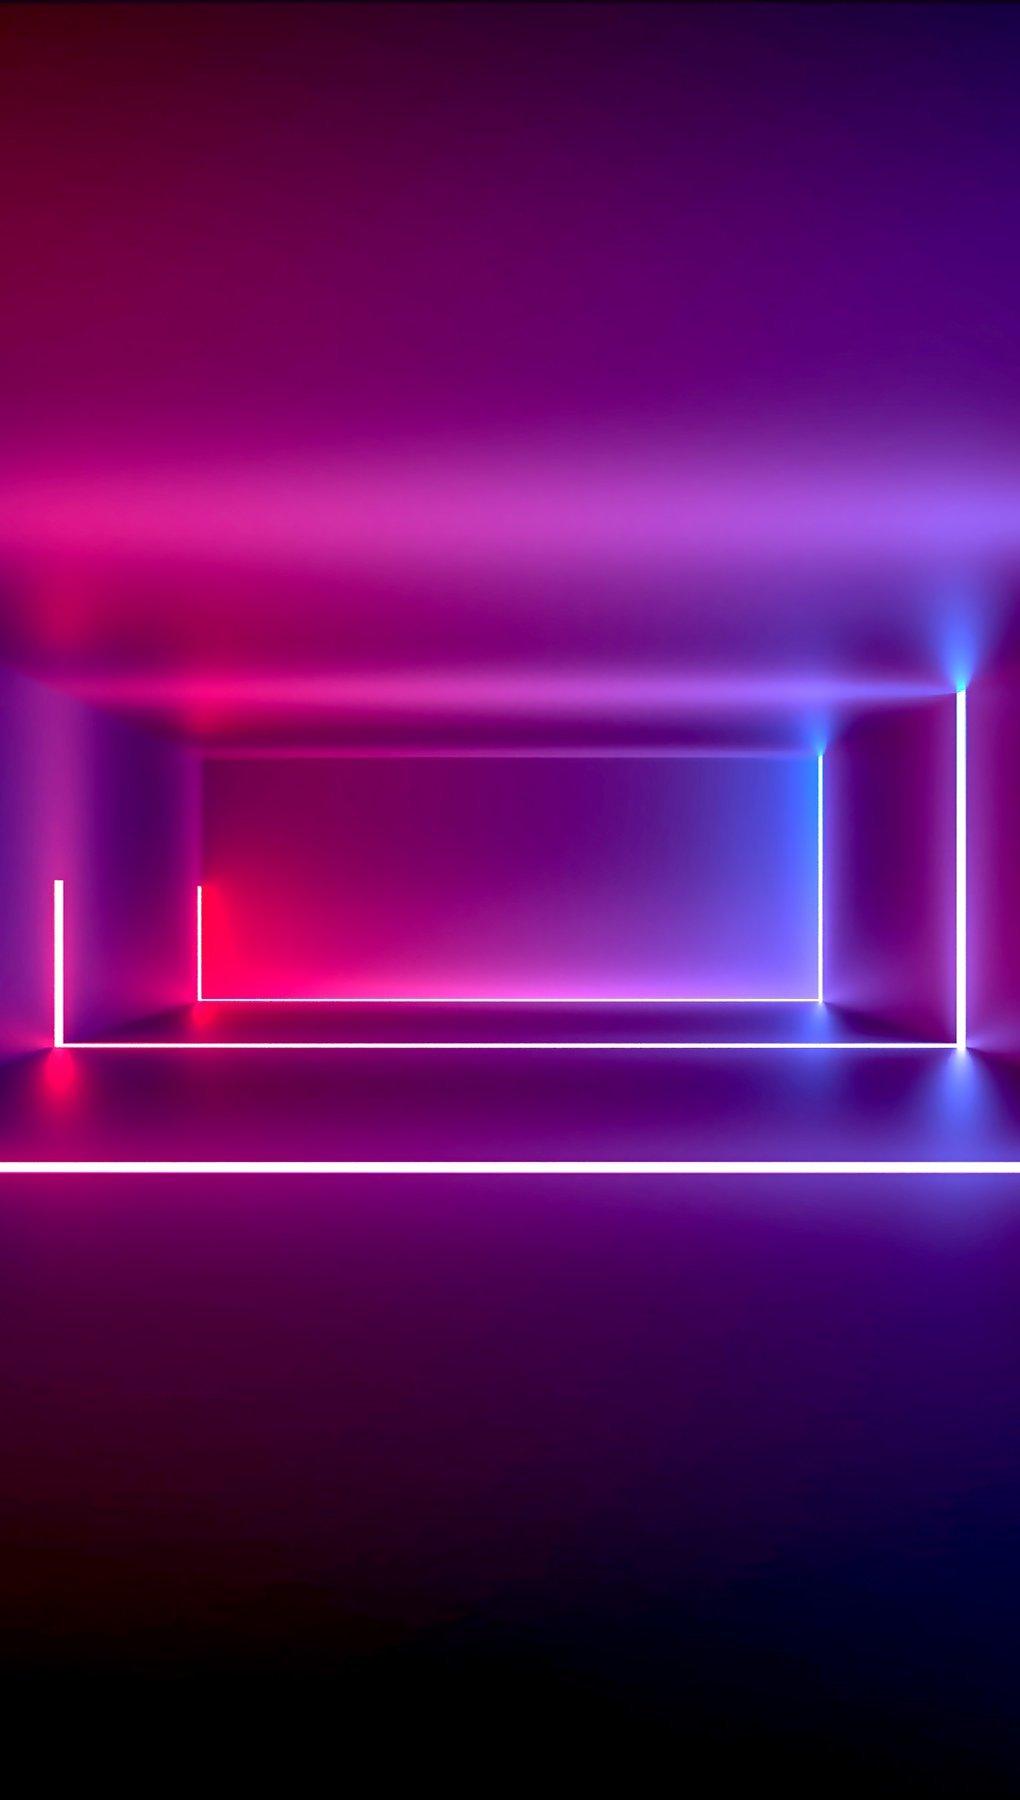 Fondos de pantalla Cuarto con luces neón Vertical